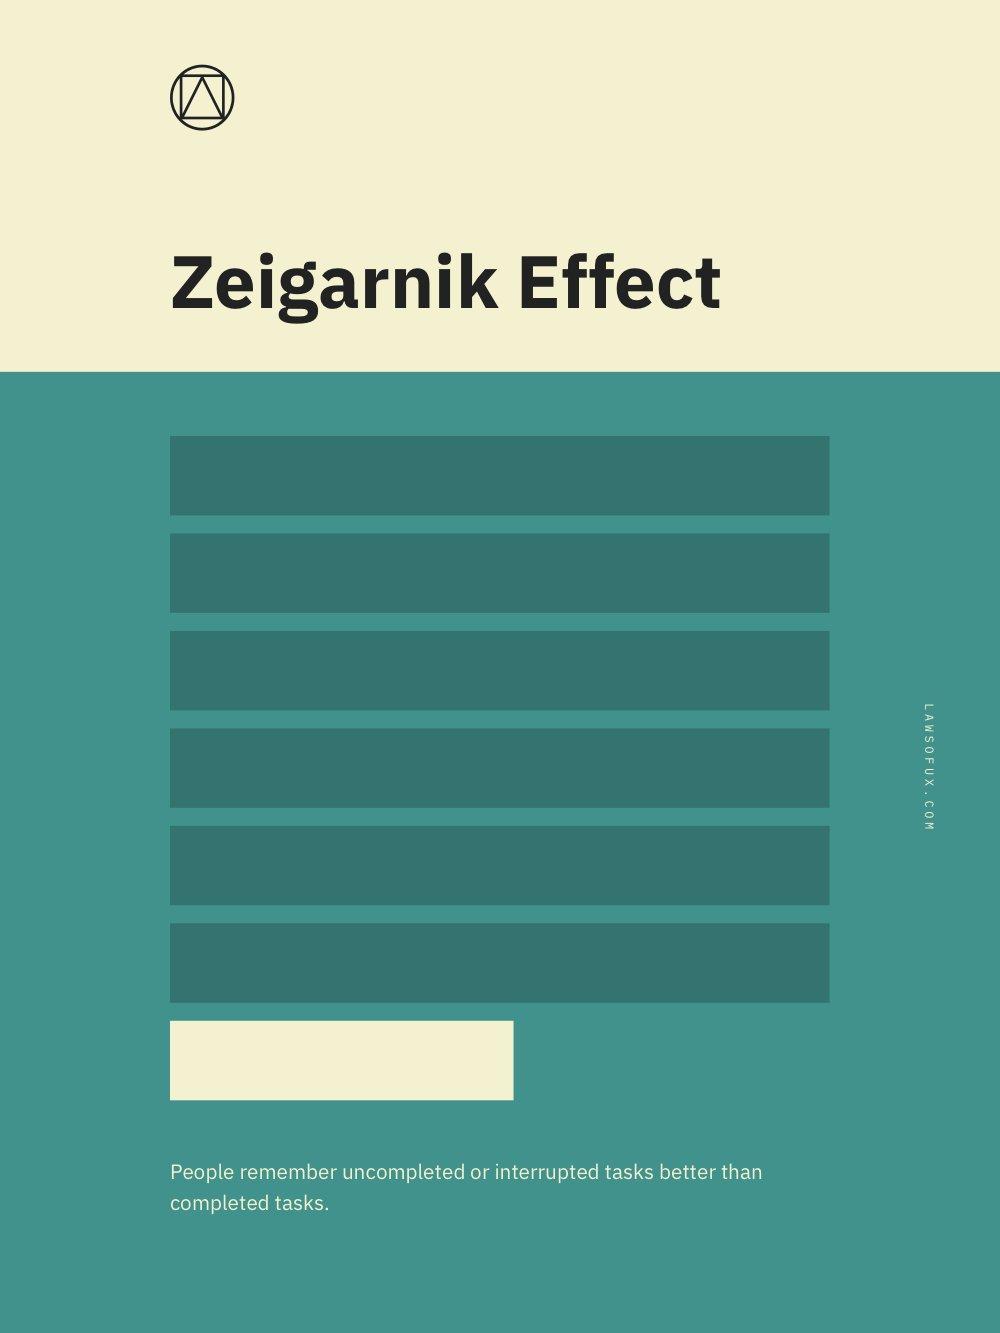 Zeigarnik Effect Poster